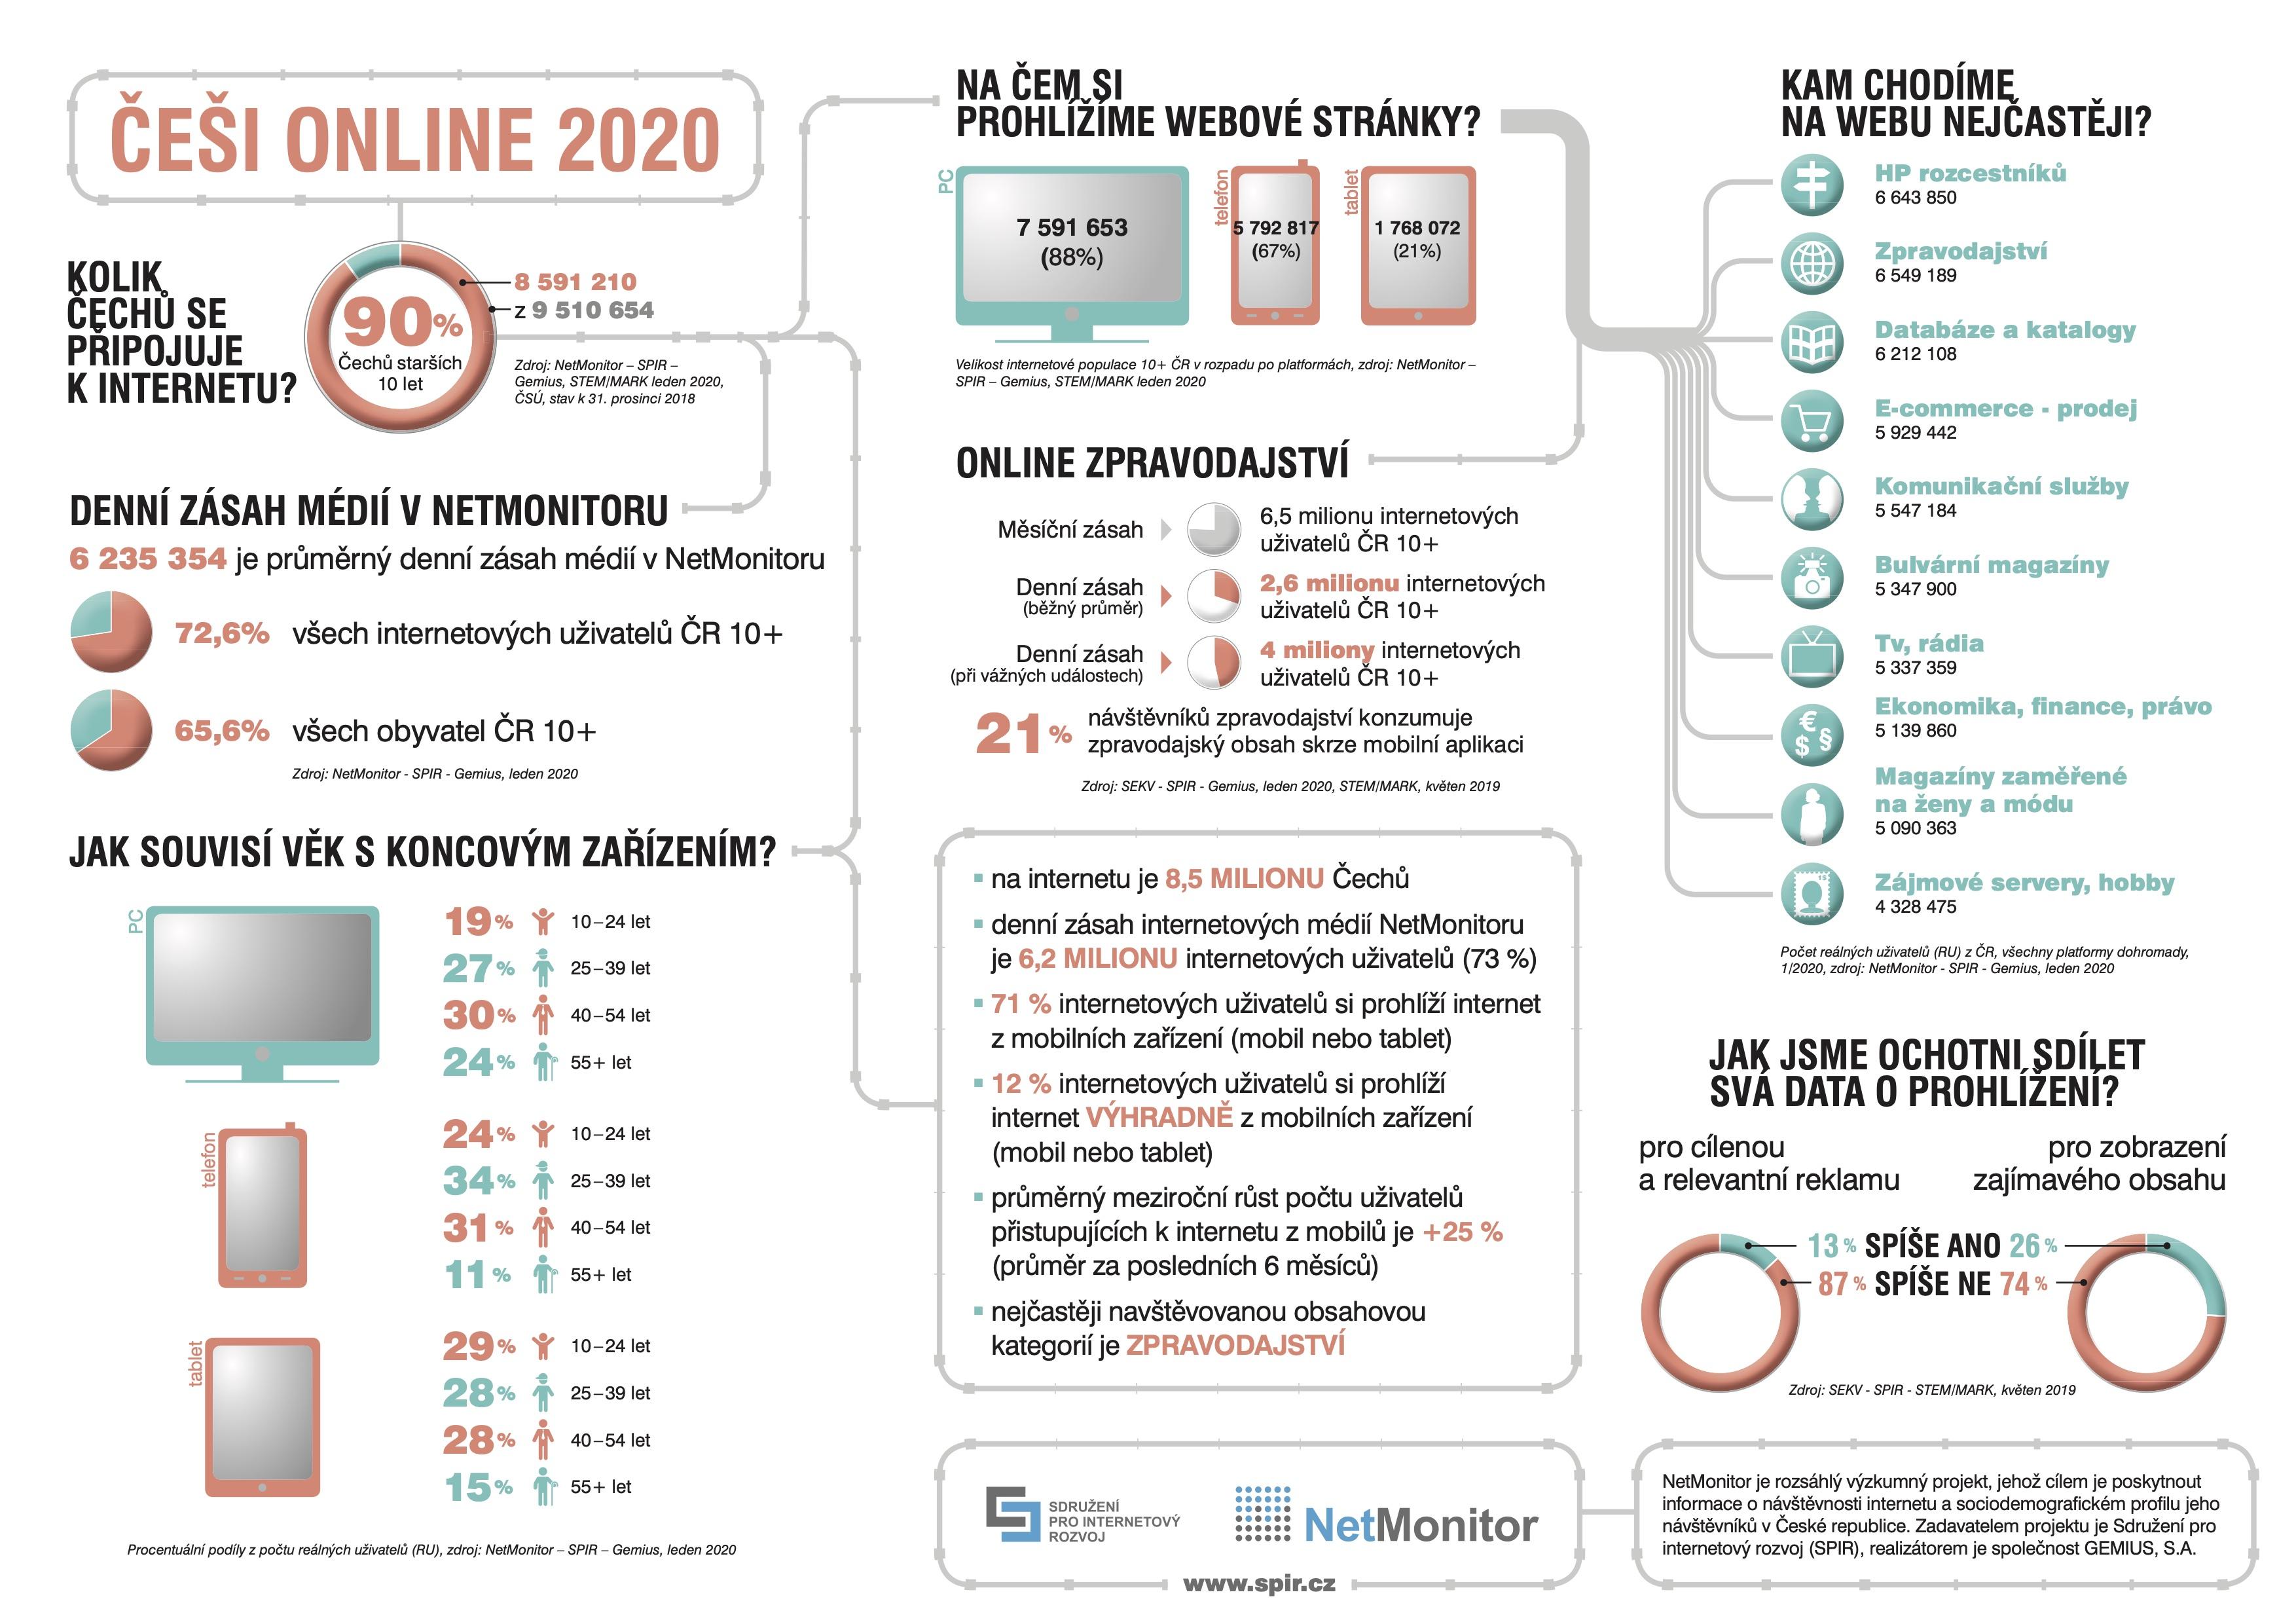 Češi online 2020